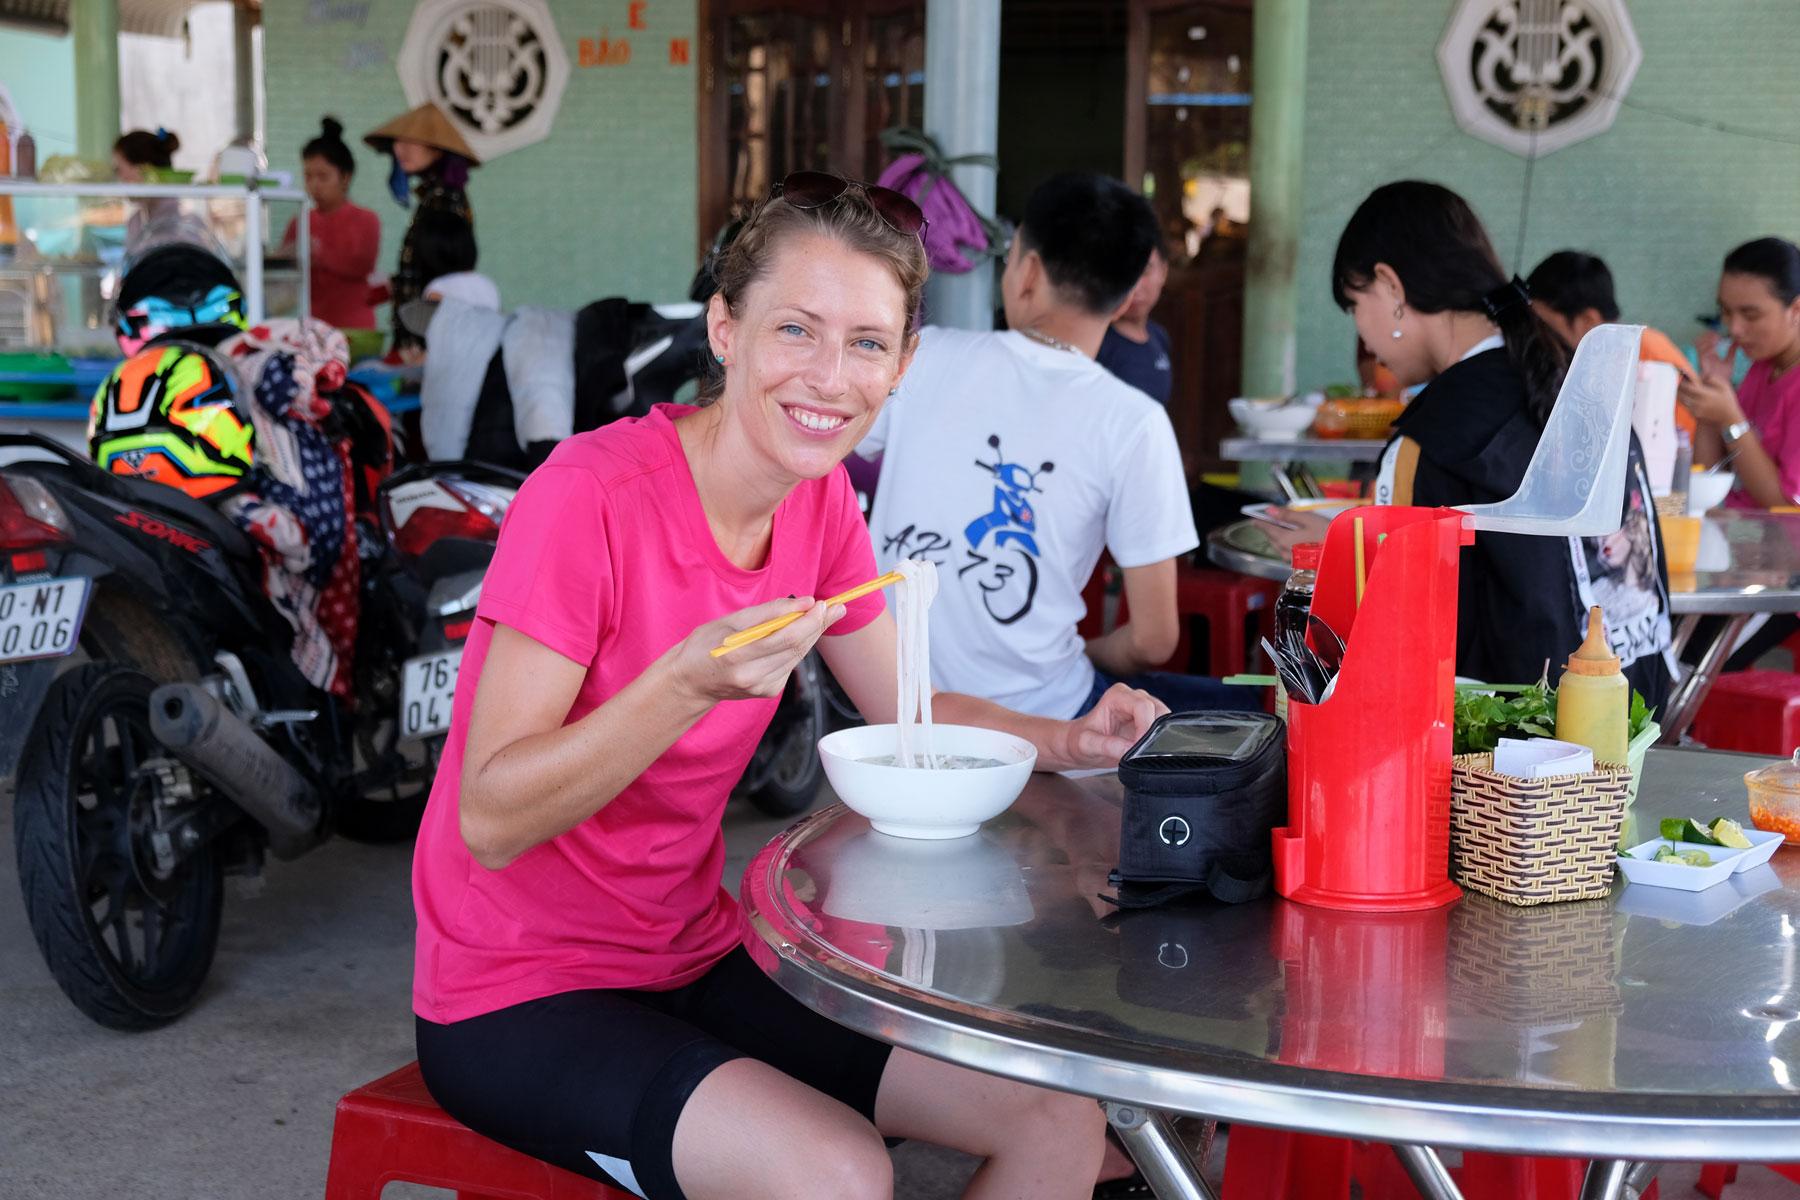 Leo isst Pho, die vietnamesische Nudelsuppe, zum Frühstück.